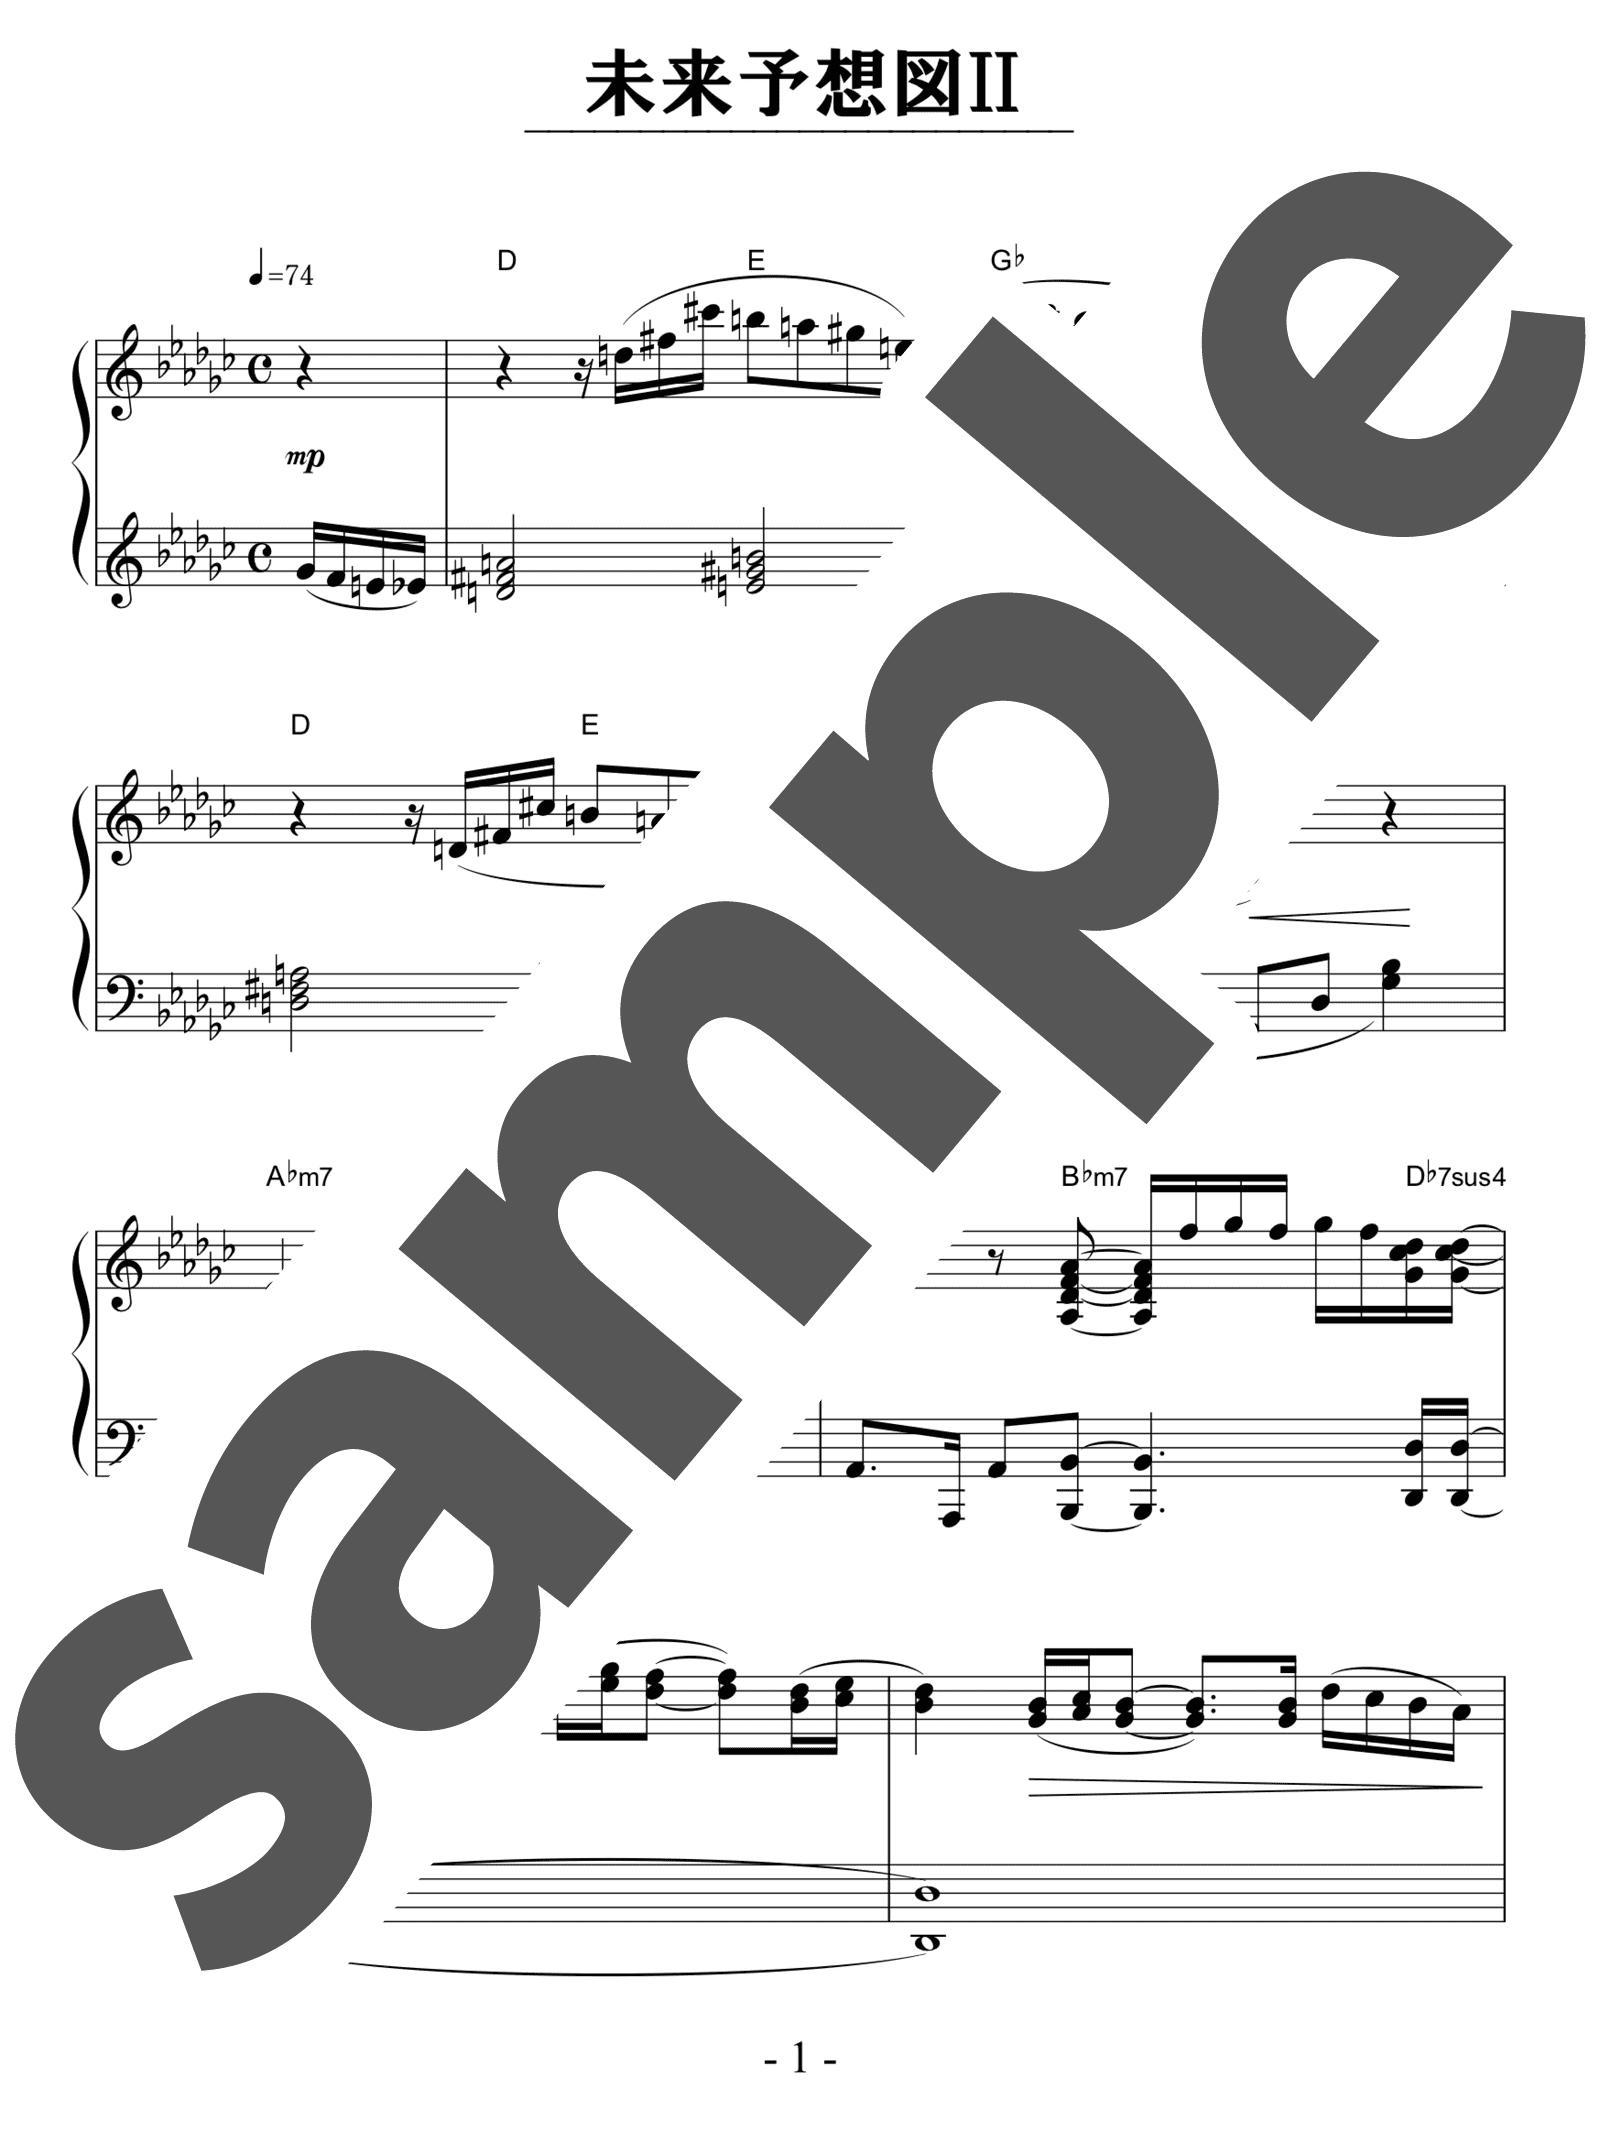 「未来予想図Ⅱ」のサンプル楽譜